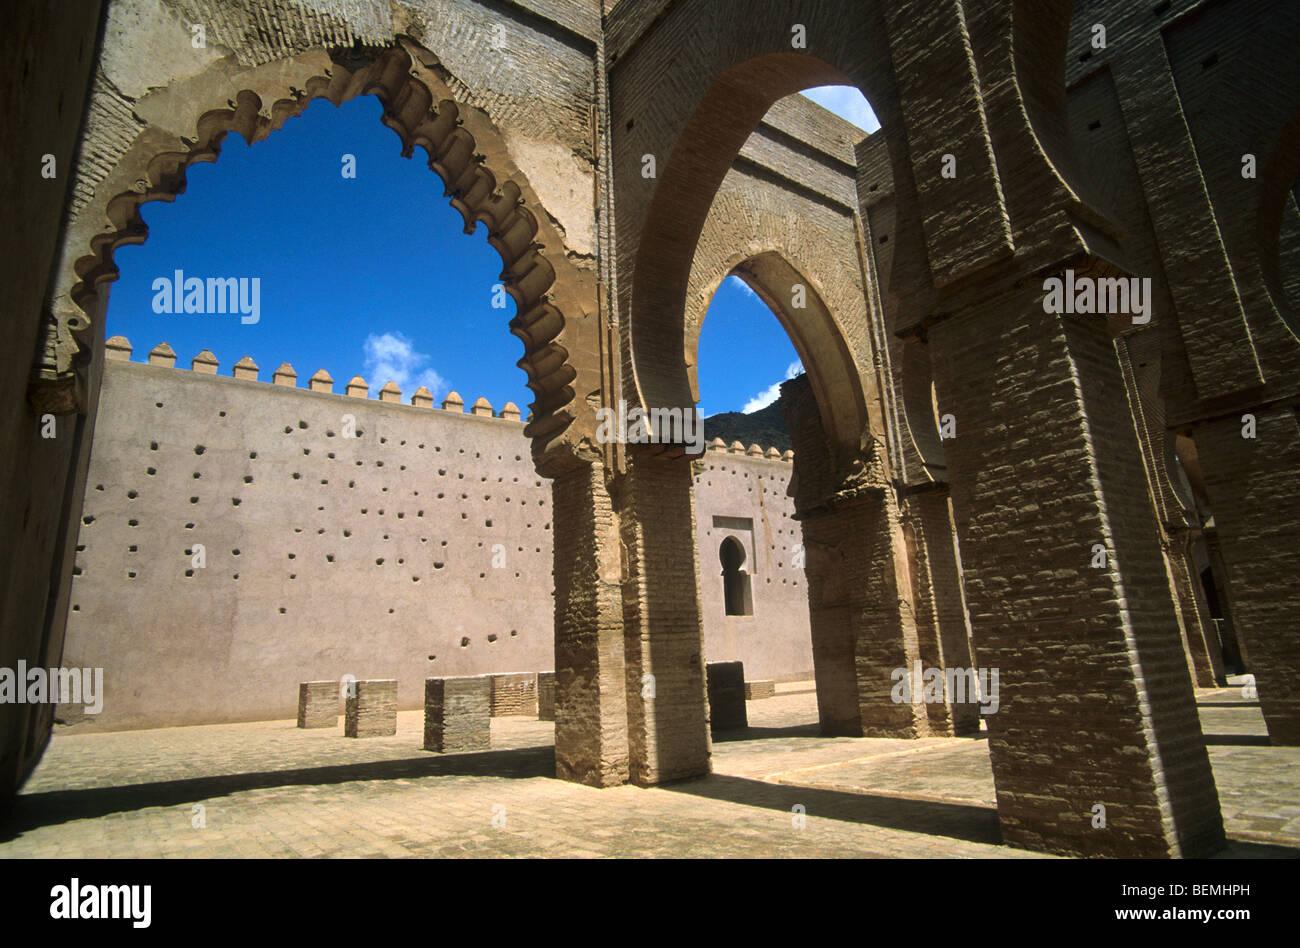 Intérieur de la mosquée de Tinmel / Tin Mal, Haut Atlas, Maroc Photo Stock